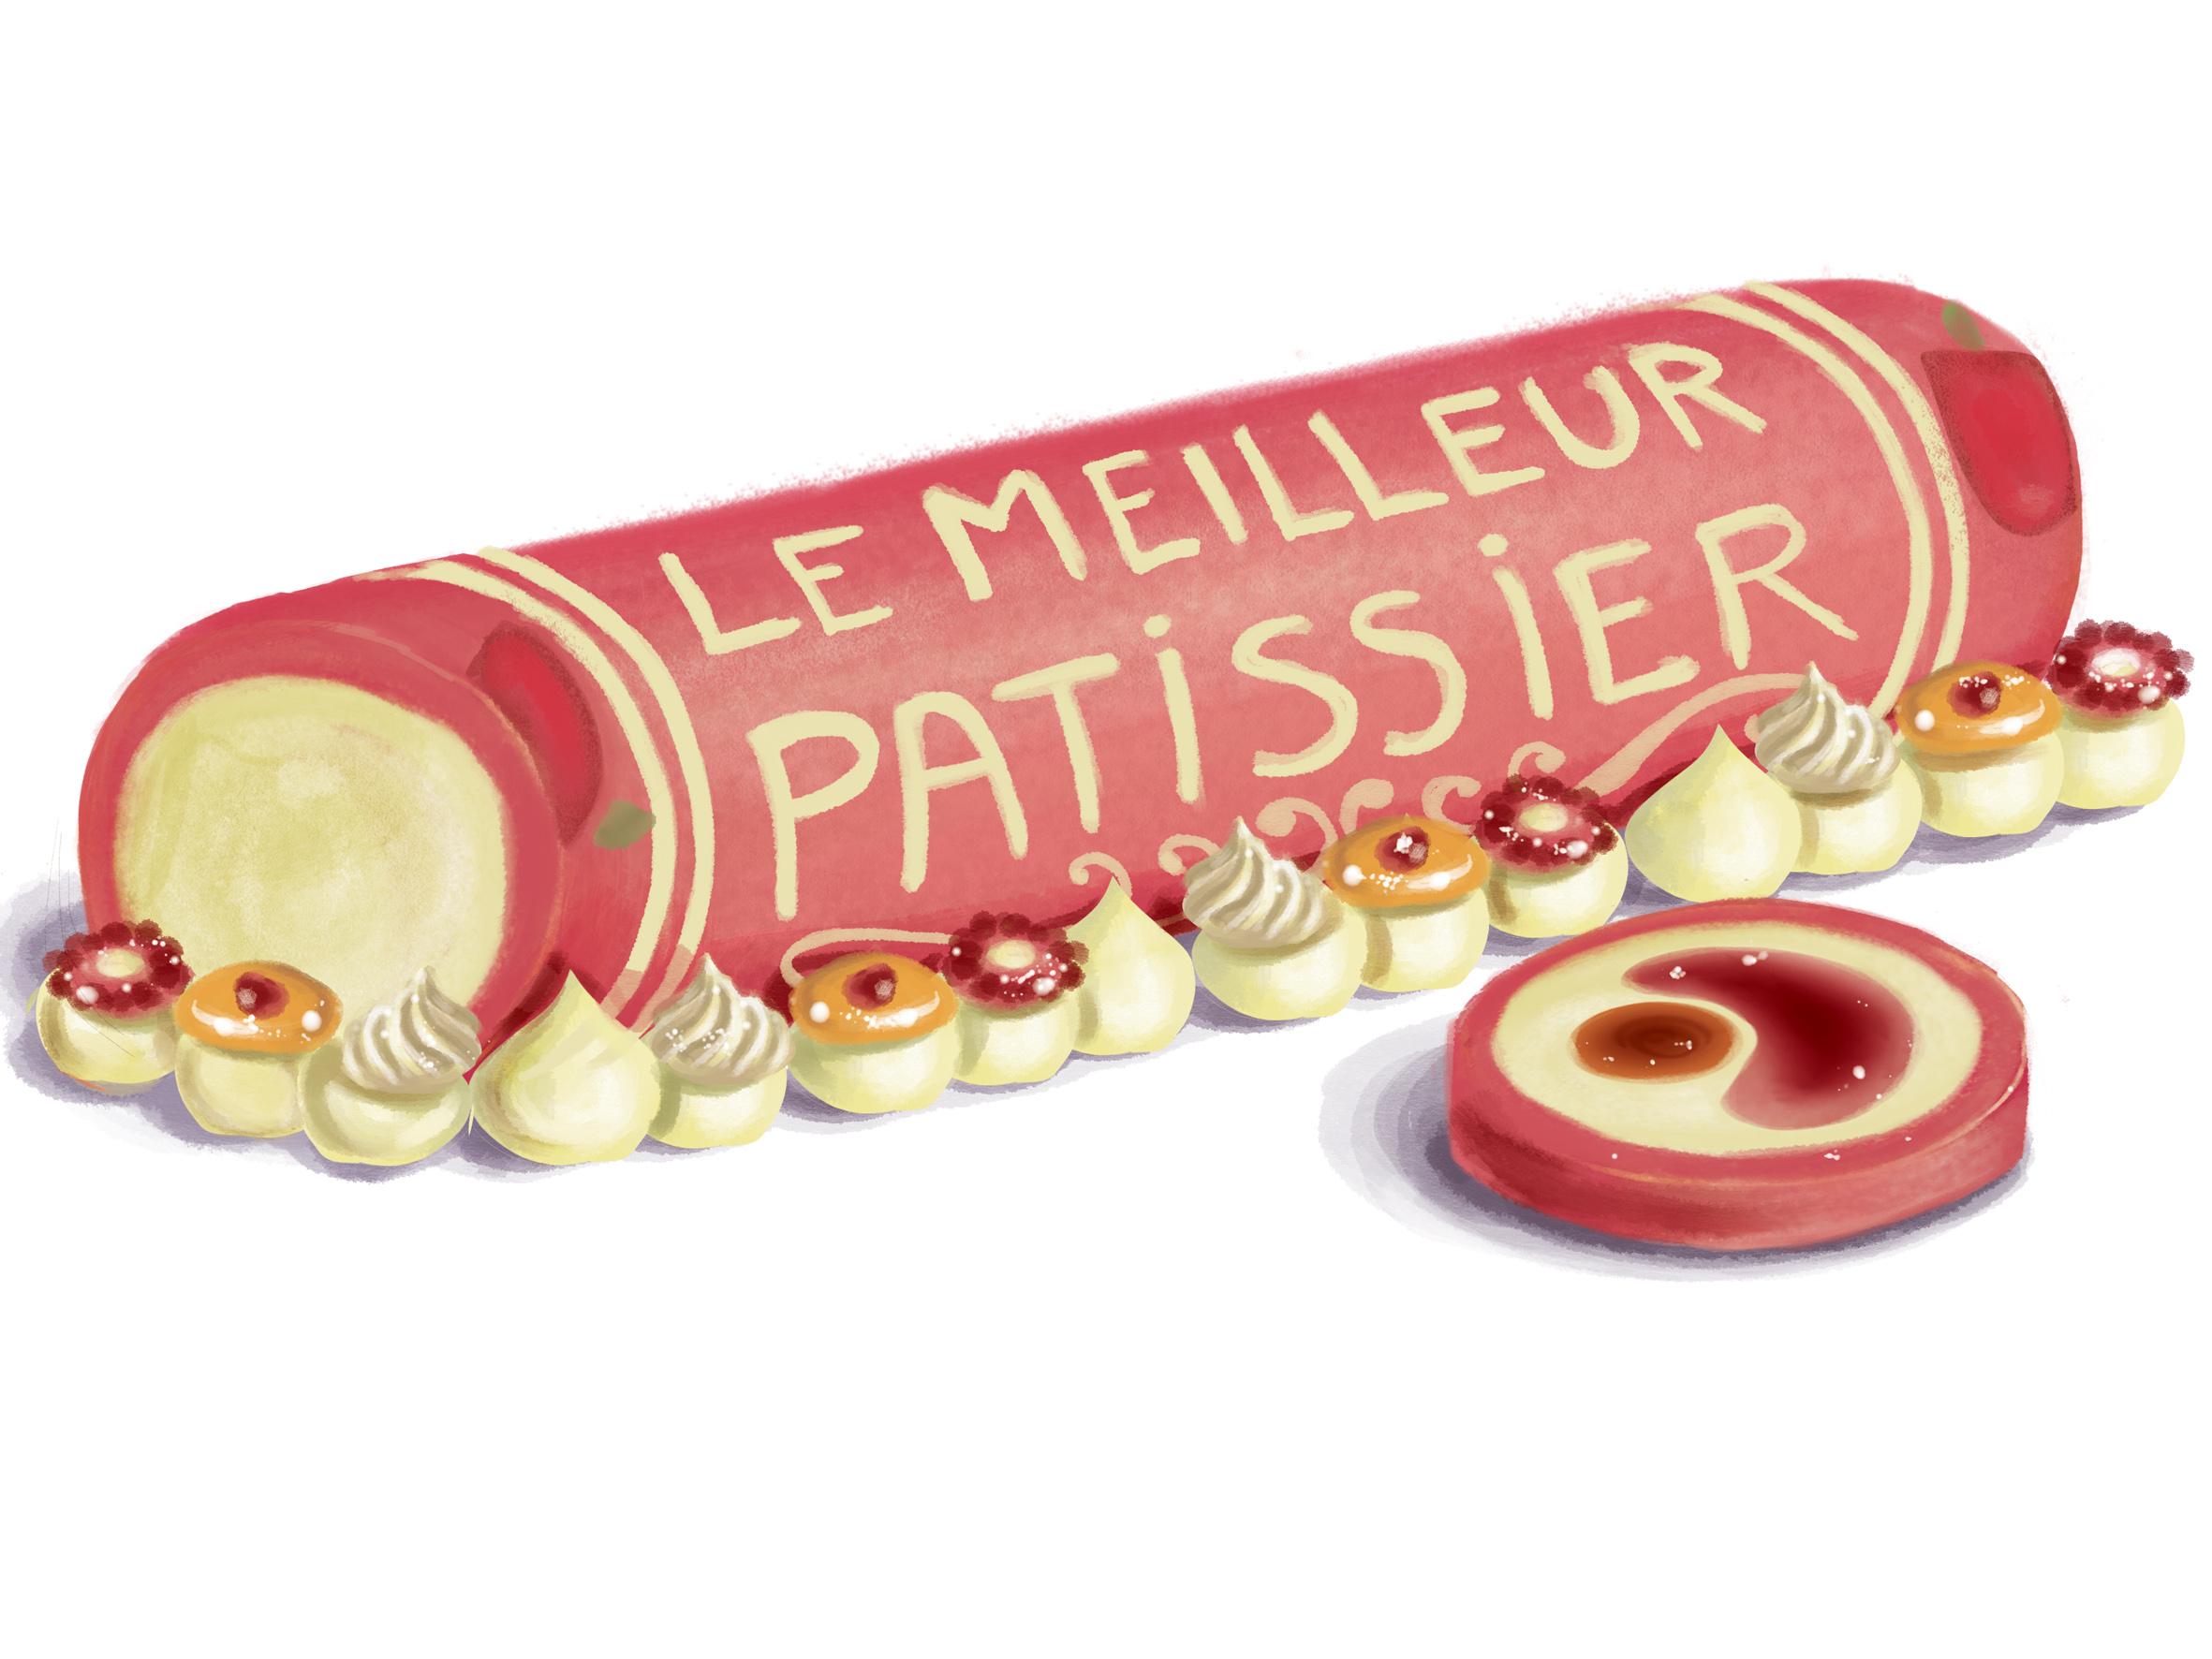 La bûche du Meilleur Pâtissier